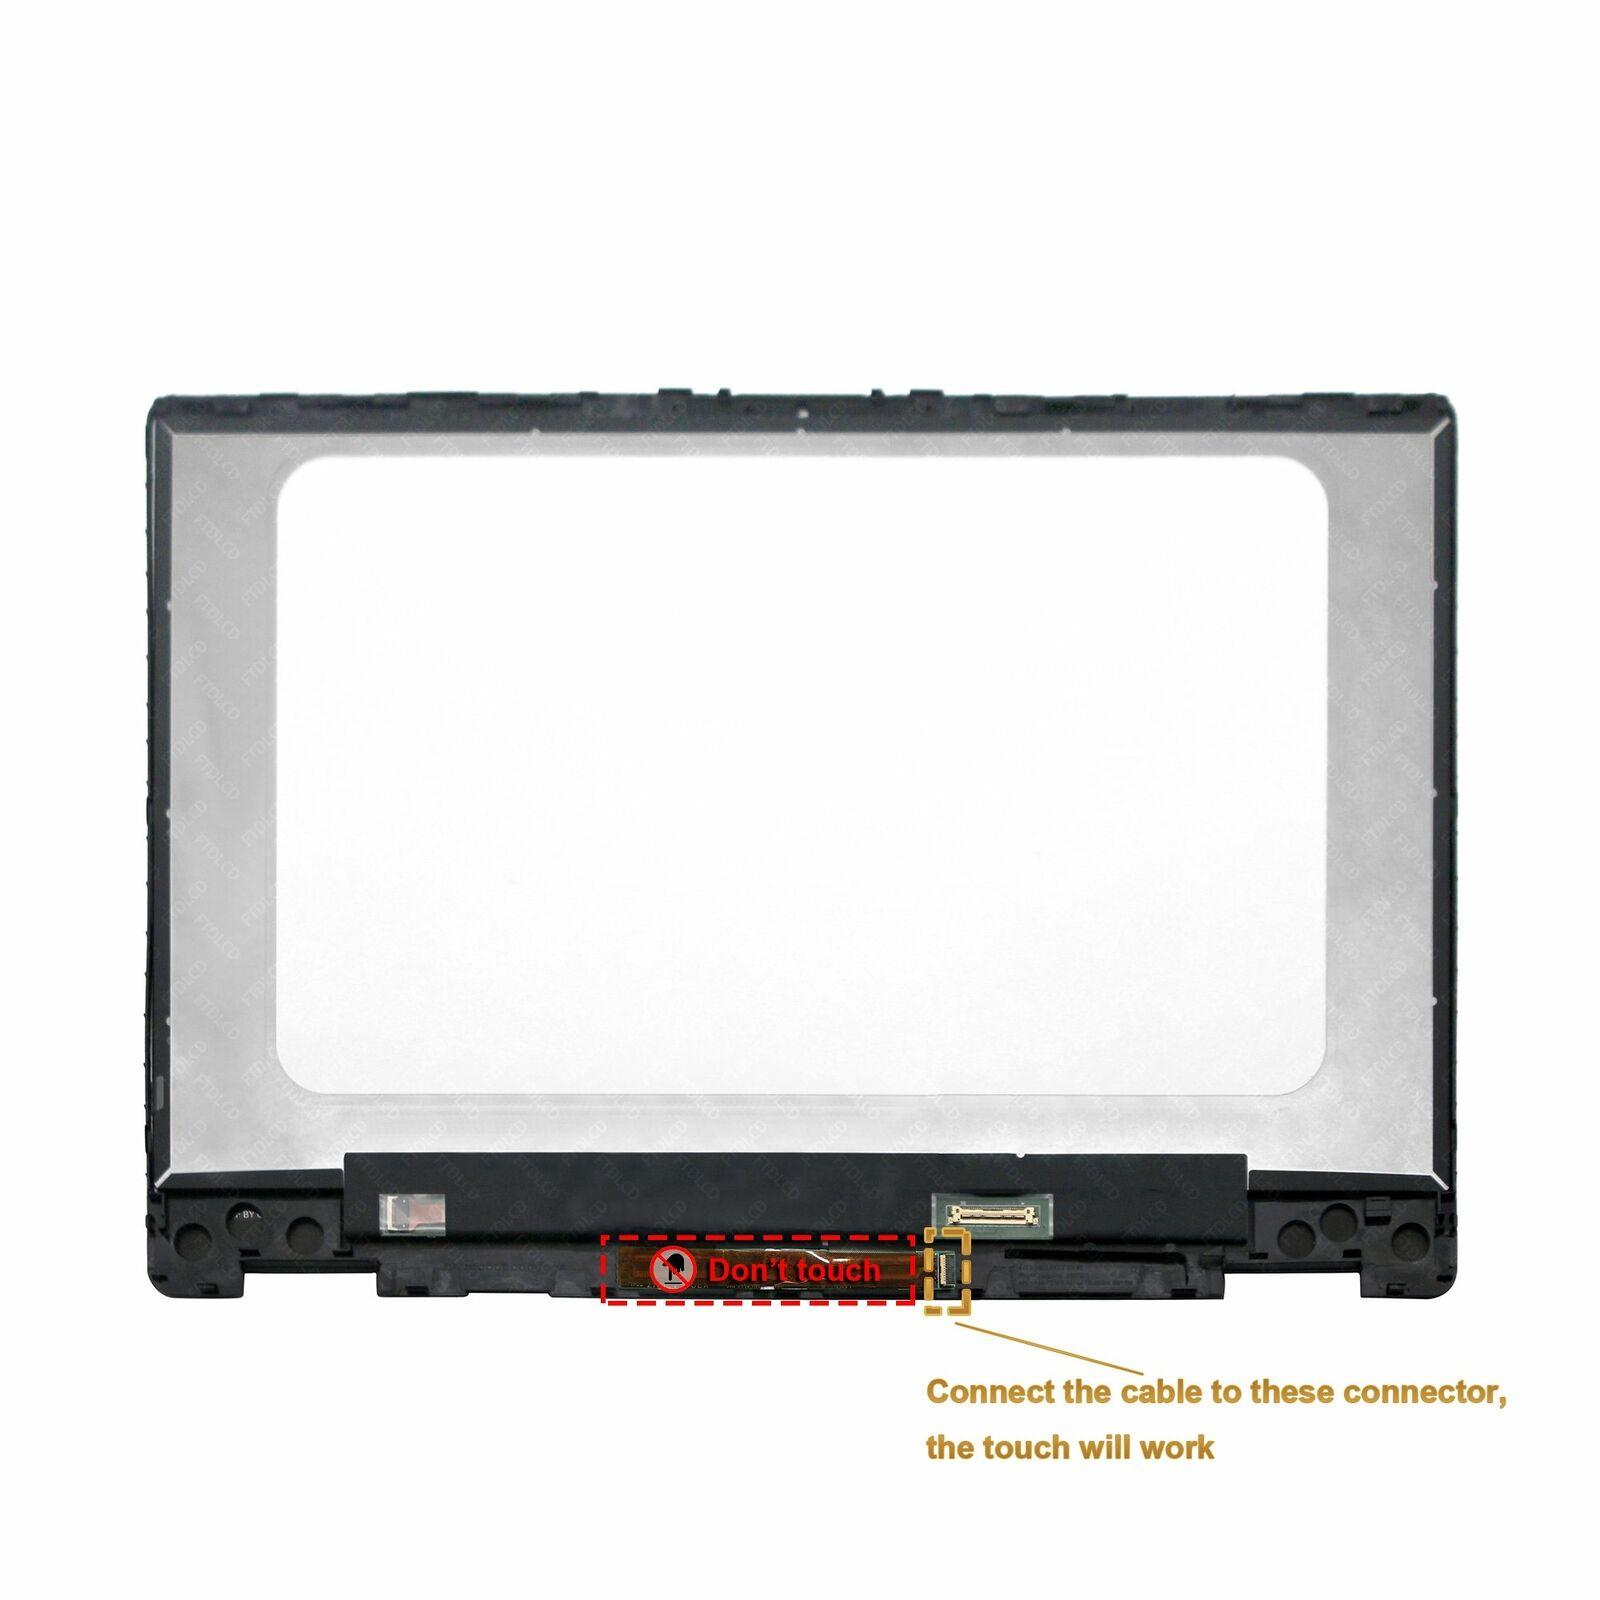 محول رقمي بشاشة تعمل باللمس بإطار LED مقاس 14 بوصة ، لجهاز HP Pavilion x360 14M-dh1003dx